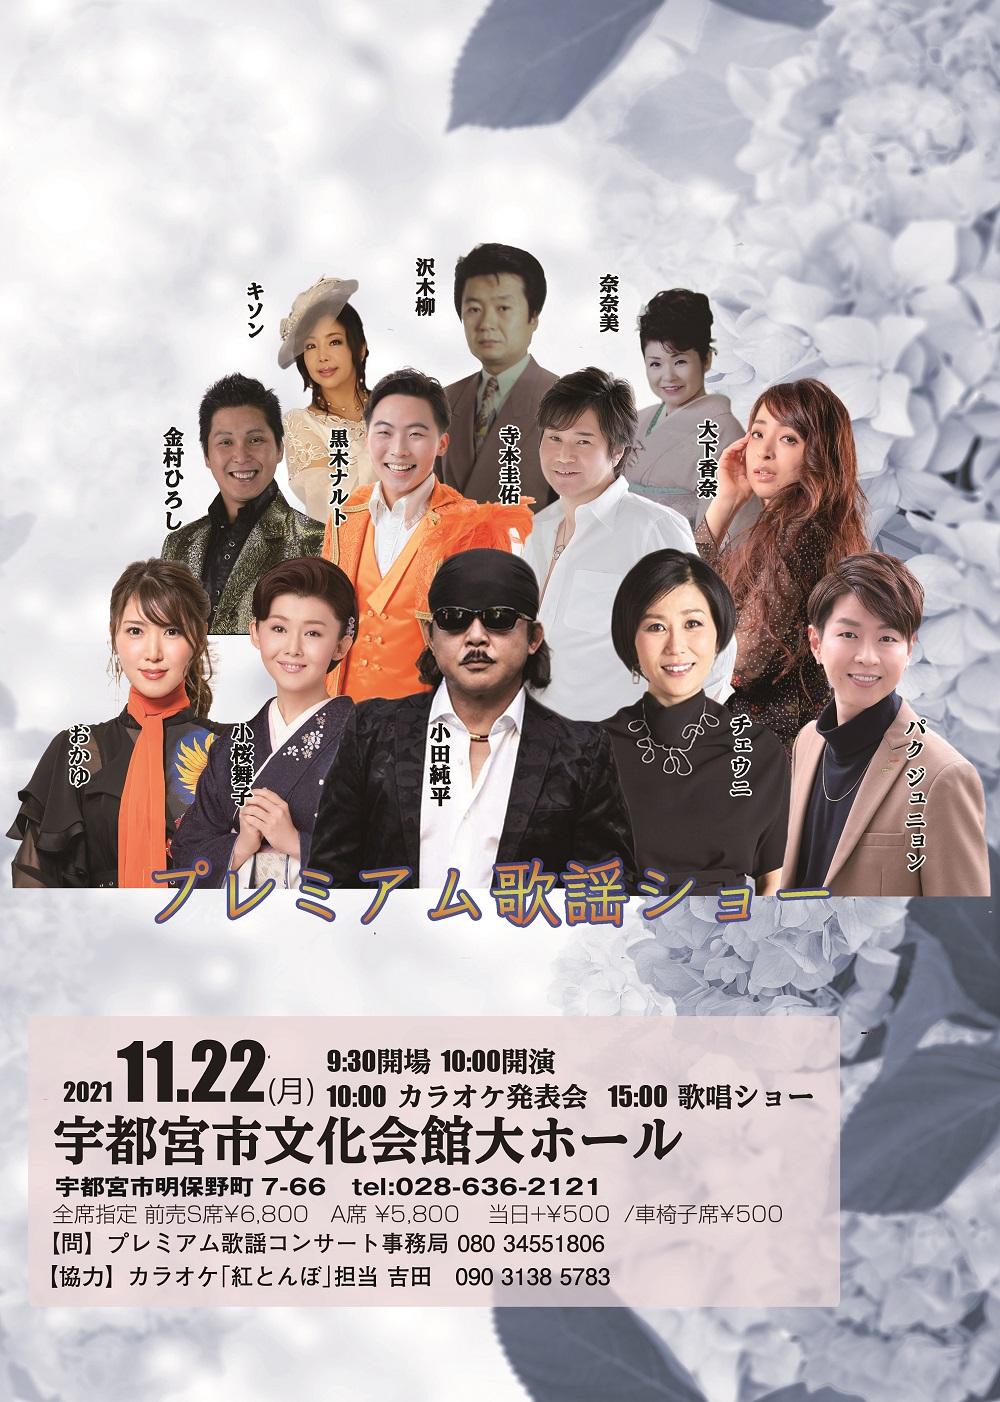 「小田純平と音楽仲間プレミアム歌謡ショー」出演